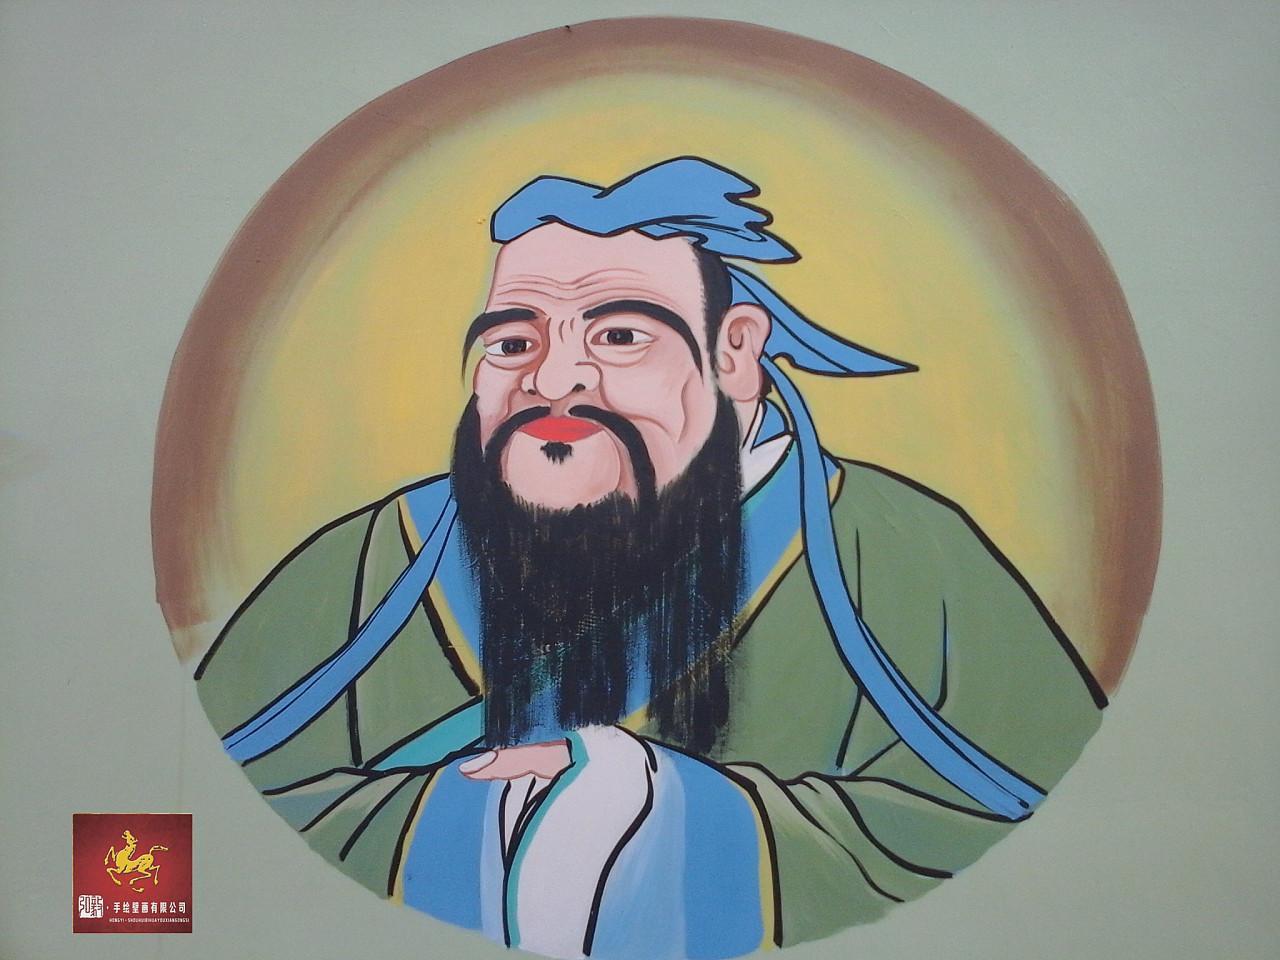 手绘壁画作品《弘色文明》图片